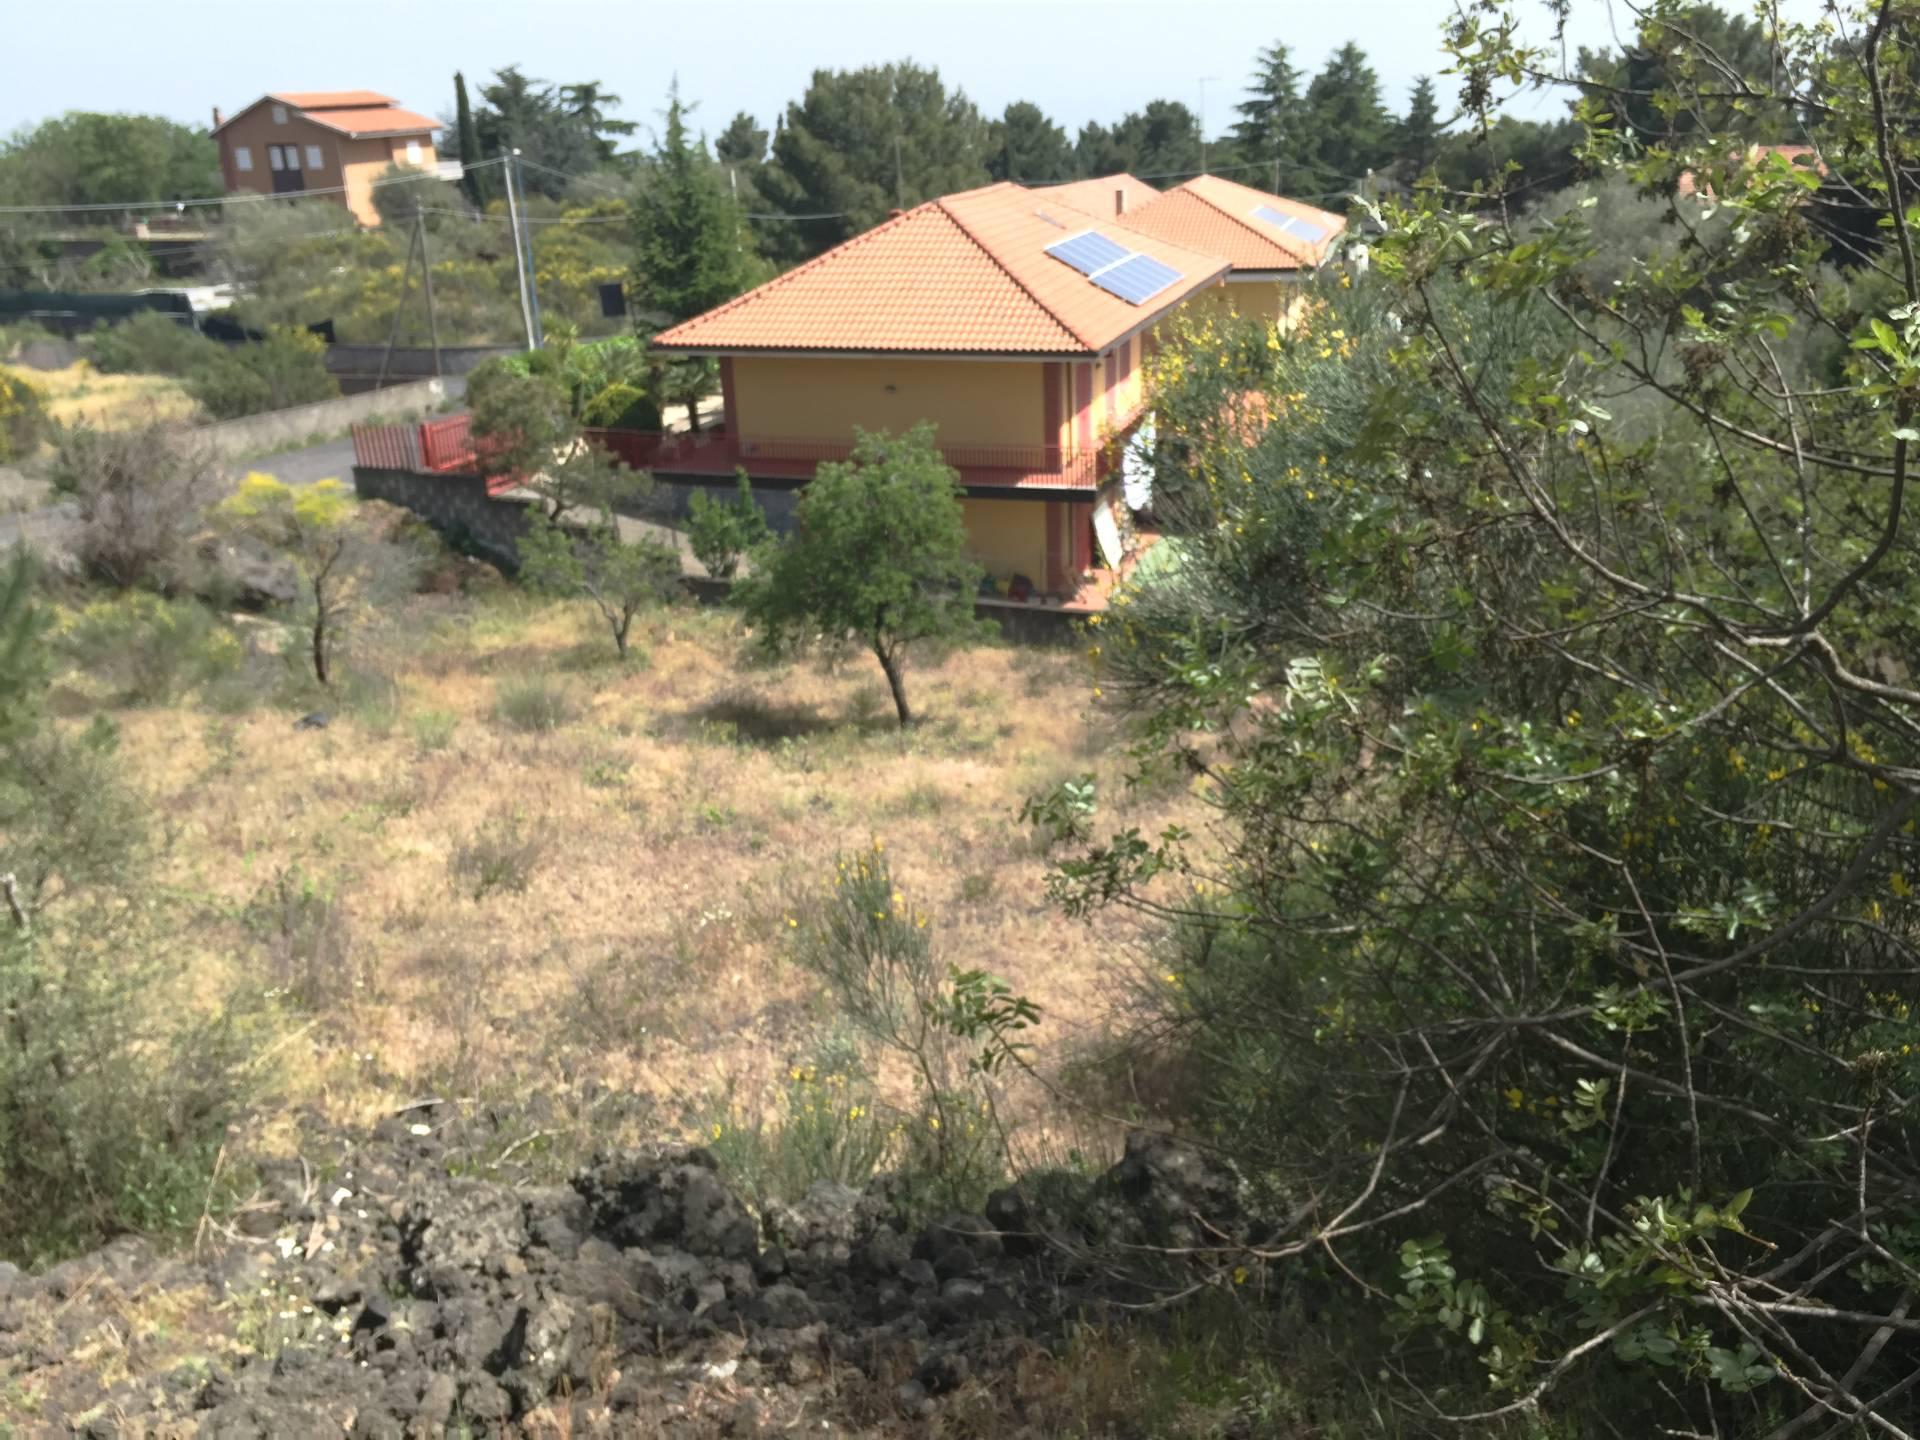 Terreno Edificabile Residenziale in vendita a Pedara, 9999 locali, prezzo € 110.000 | CambioCasa.it